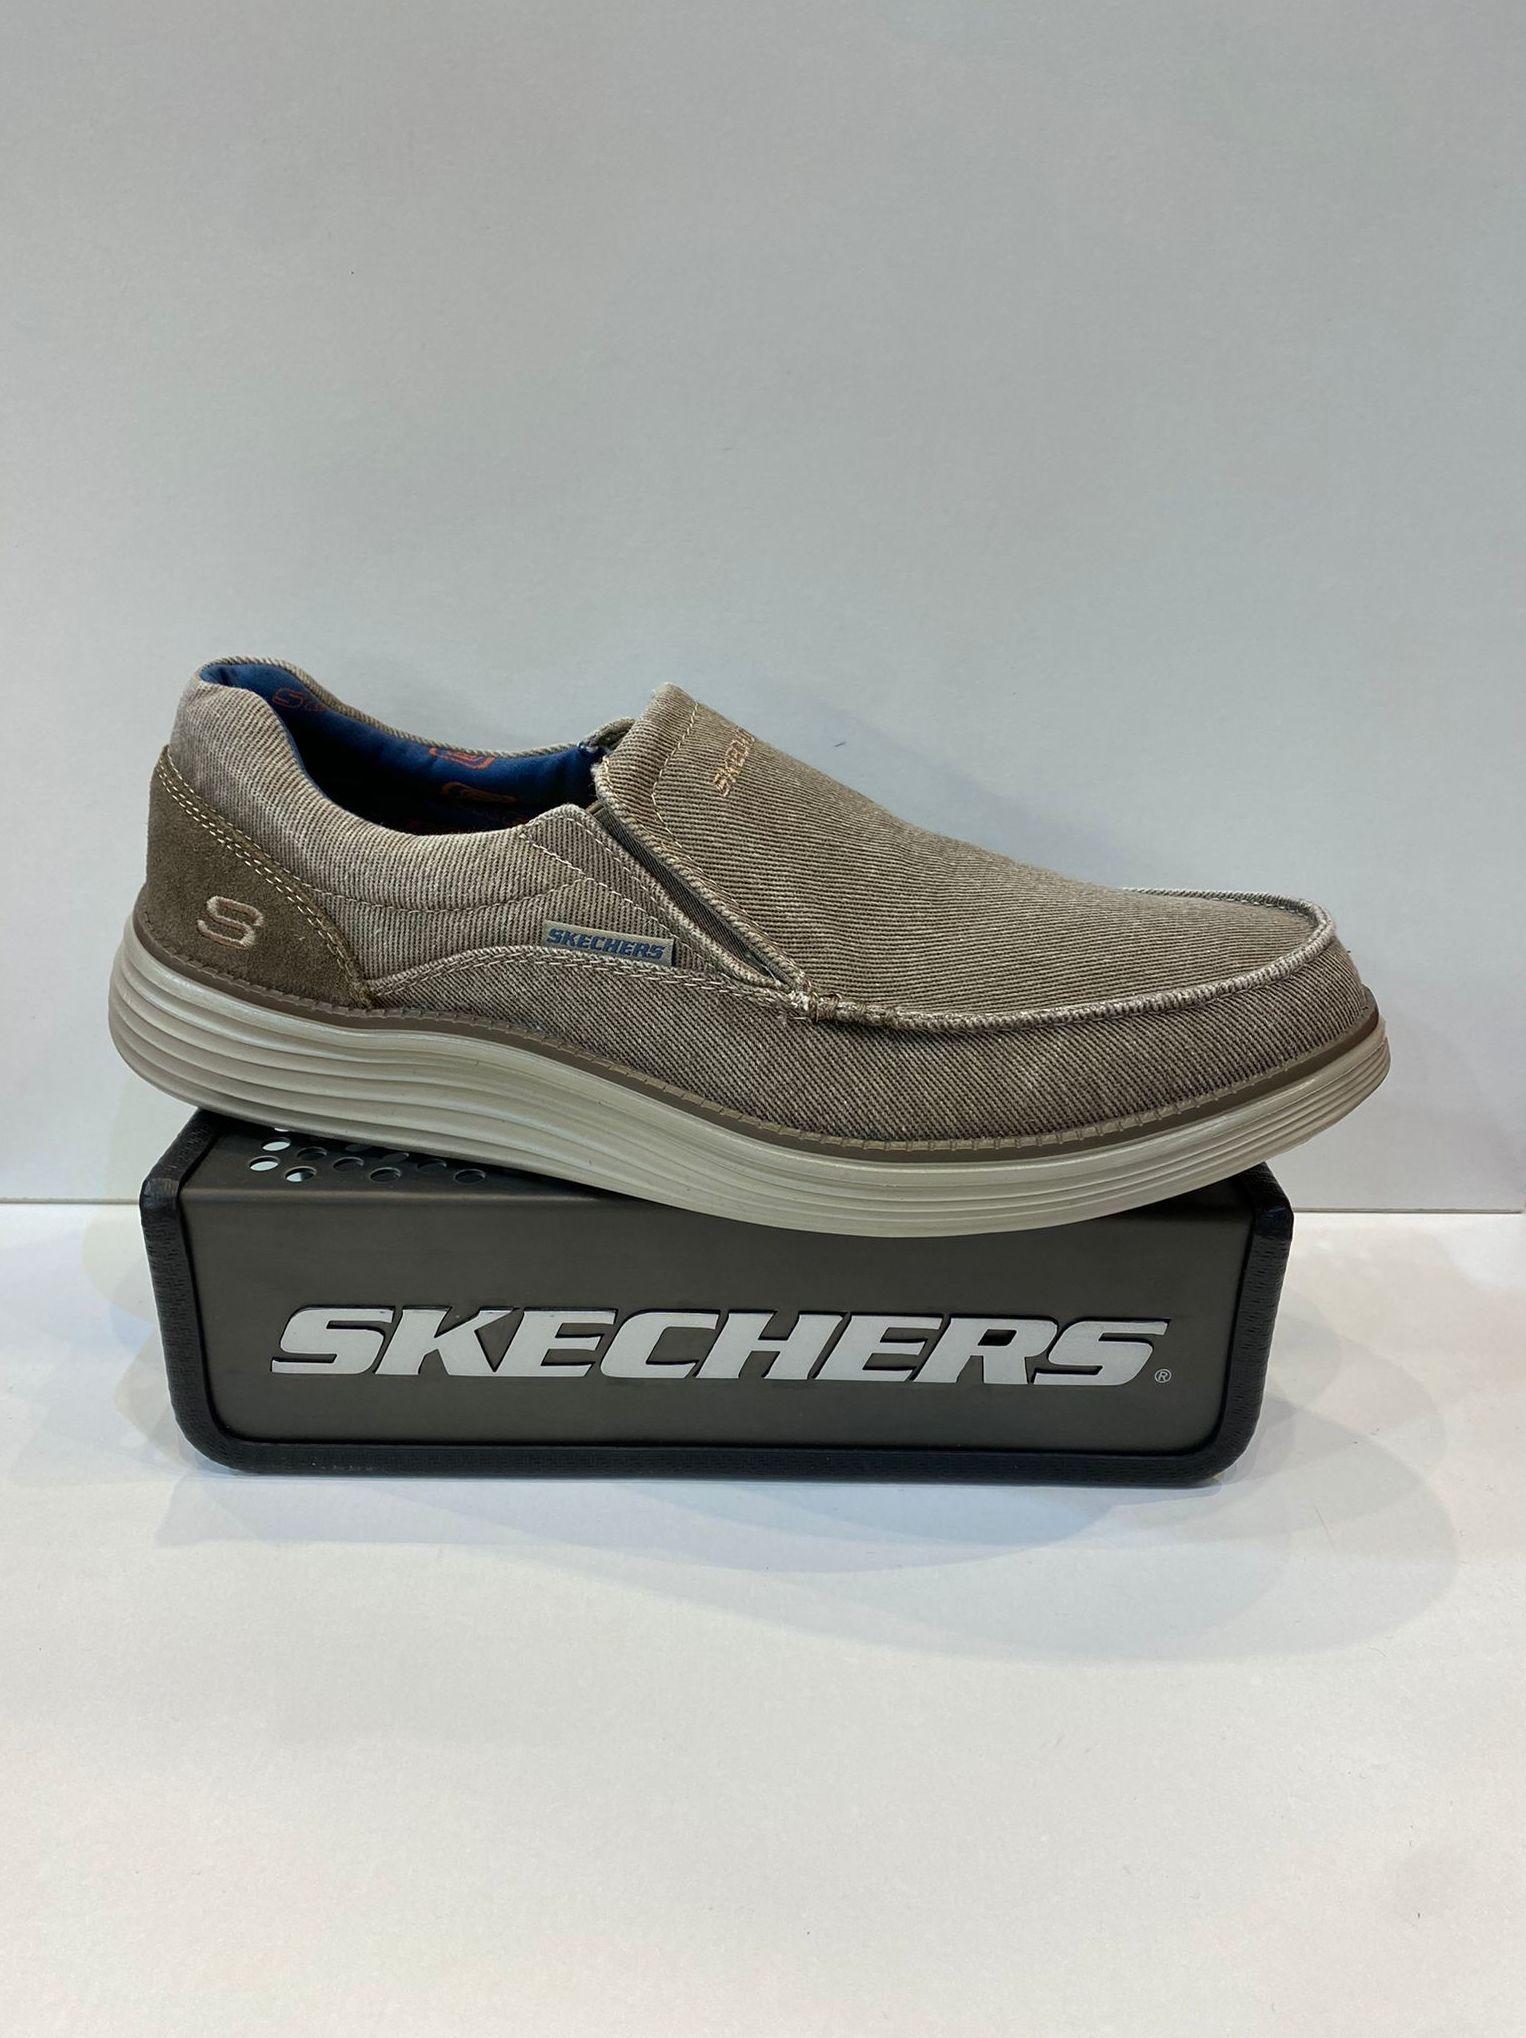 Mocasí d'home, de la marca Skechers, ample especial plantilla extraible Classic Fit Air-Cooled Memory Foam, adaptable a plantilles ortopèdiques, sola de resalite 64.95€